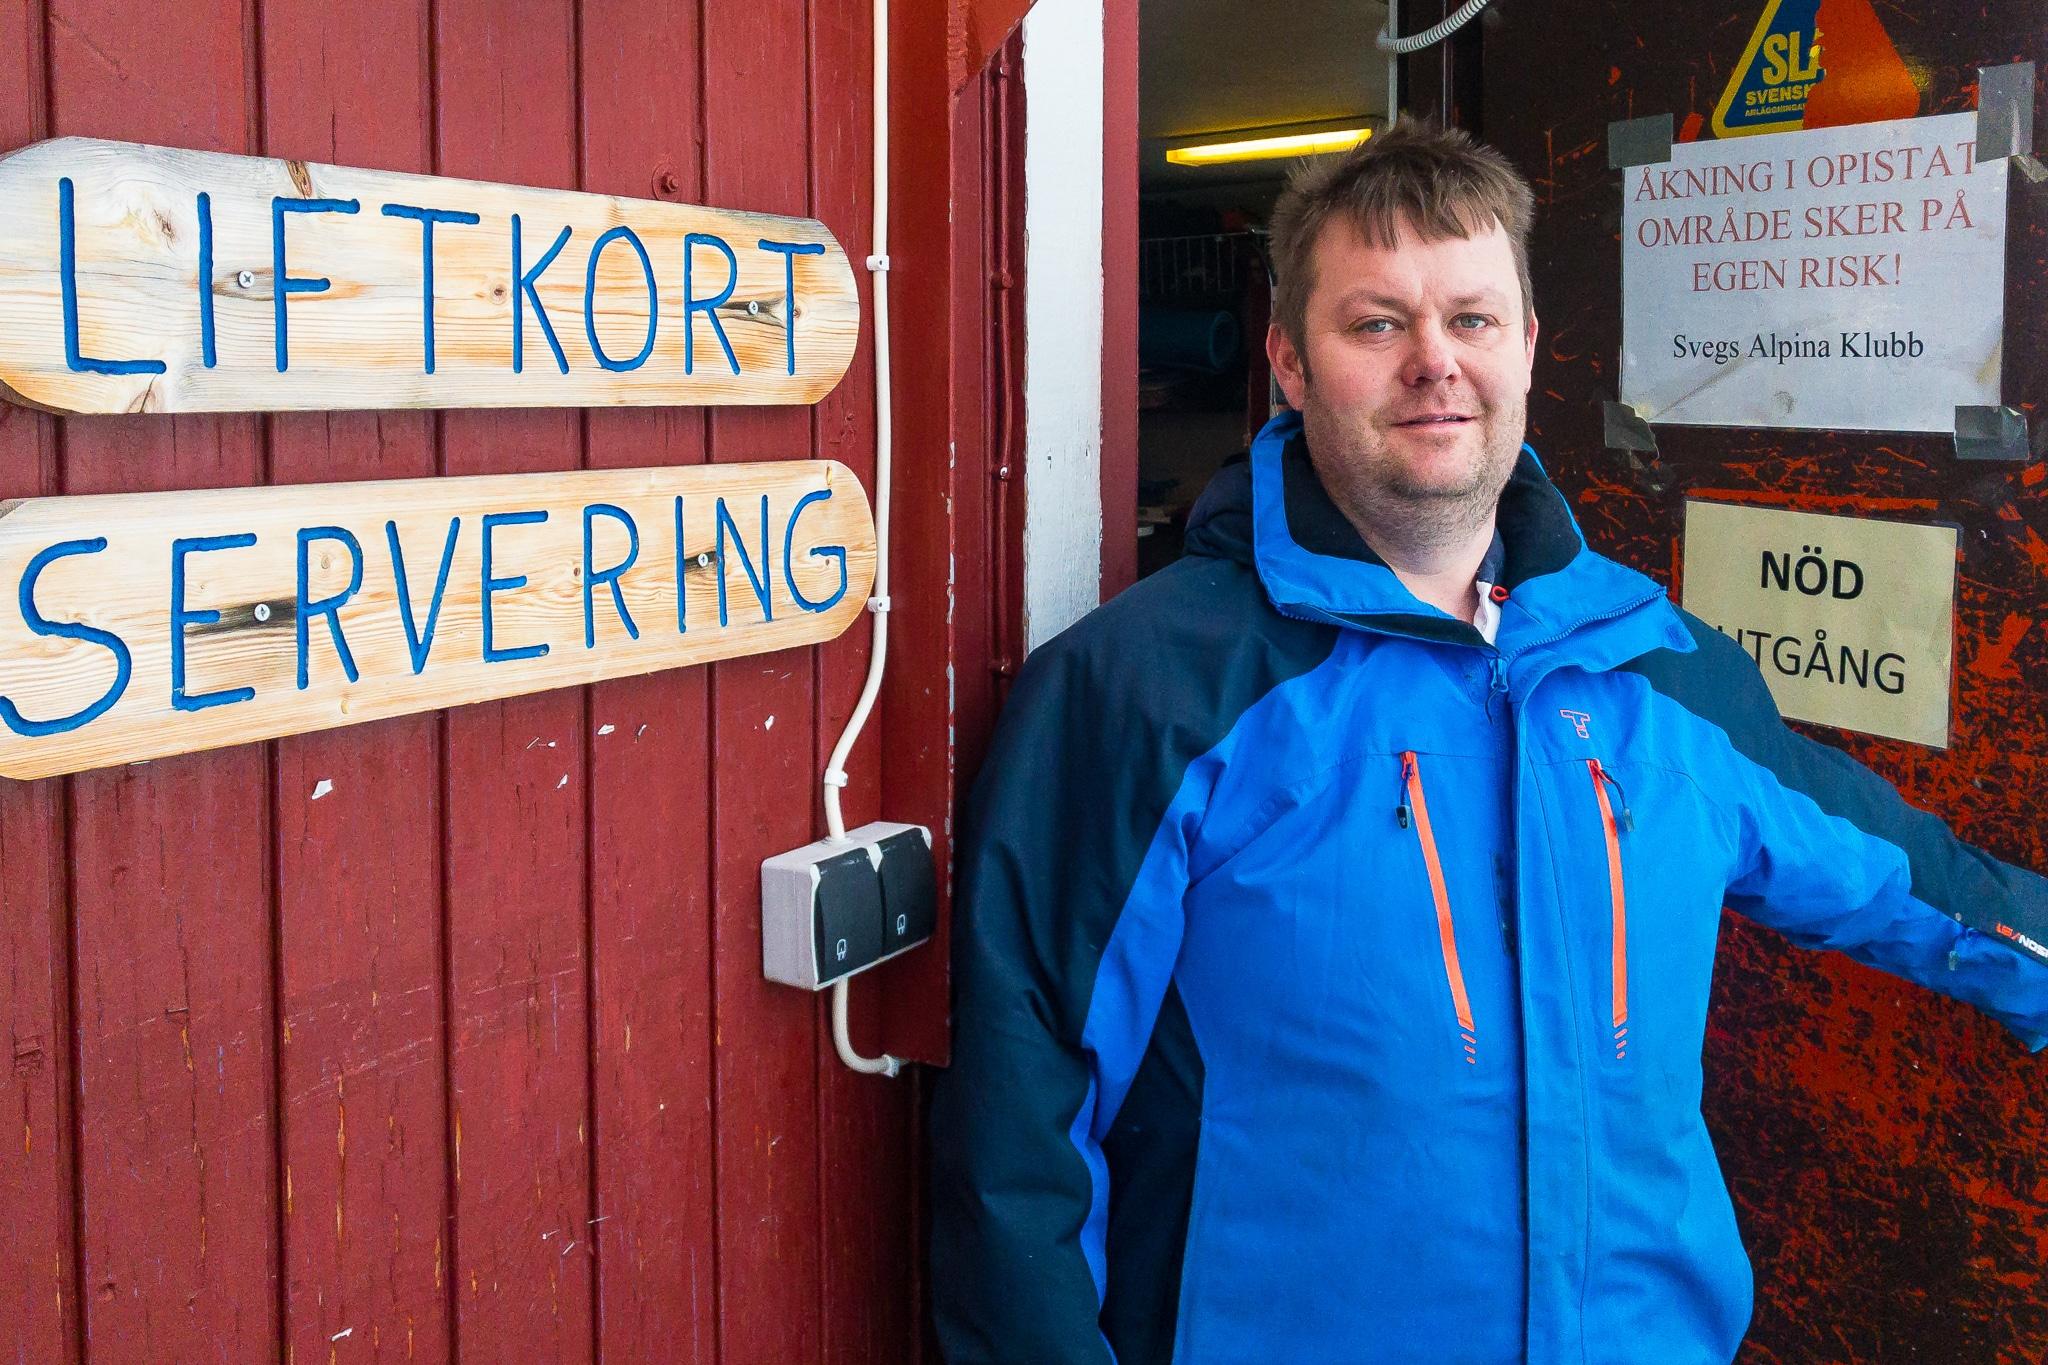 Magnus Wåger i serveringen längtade efter kyla och snö. Foto: Morgan Grip